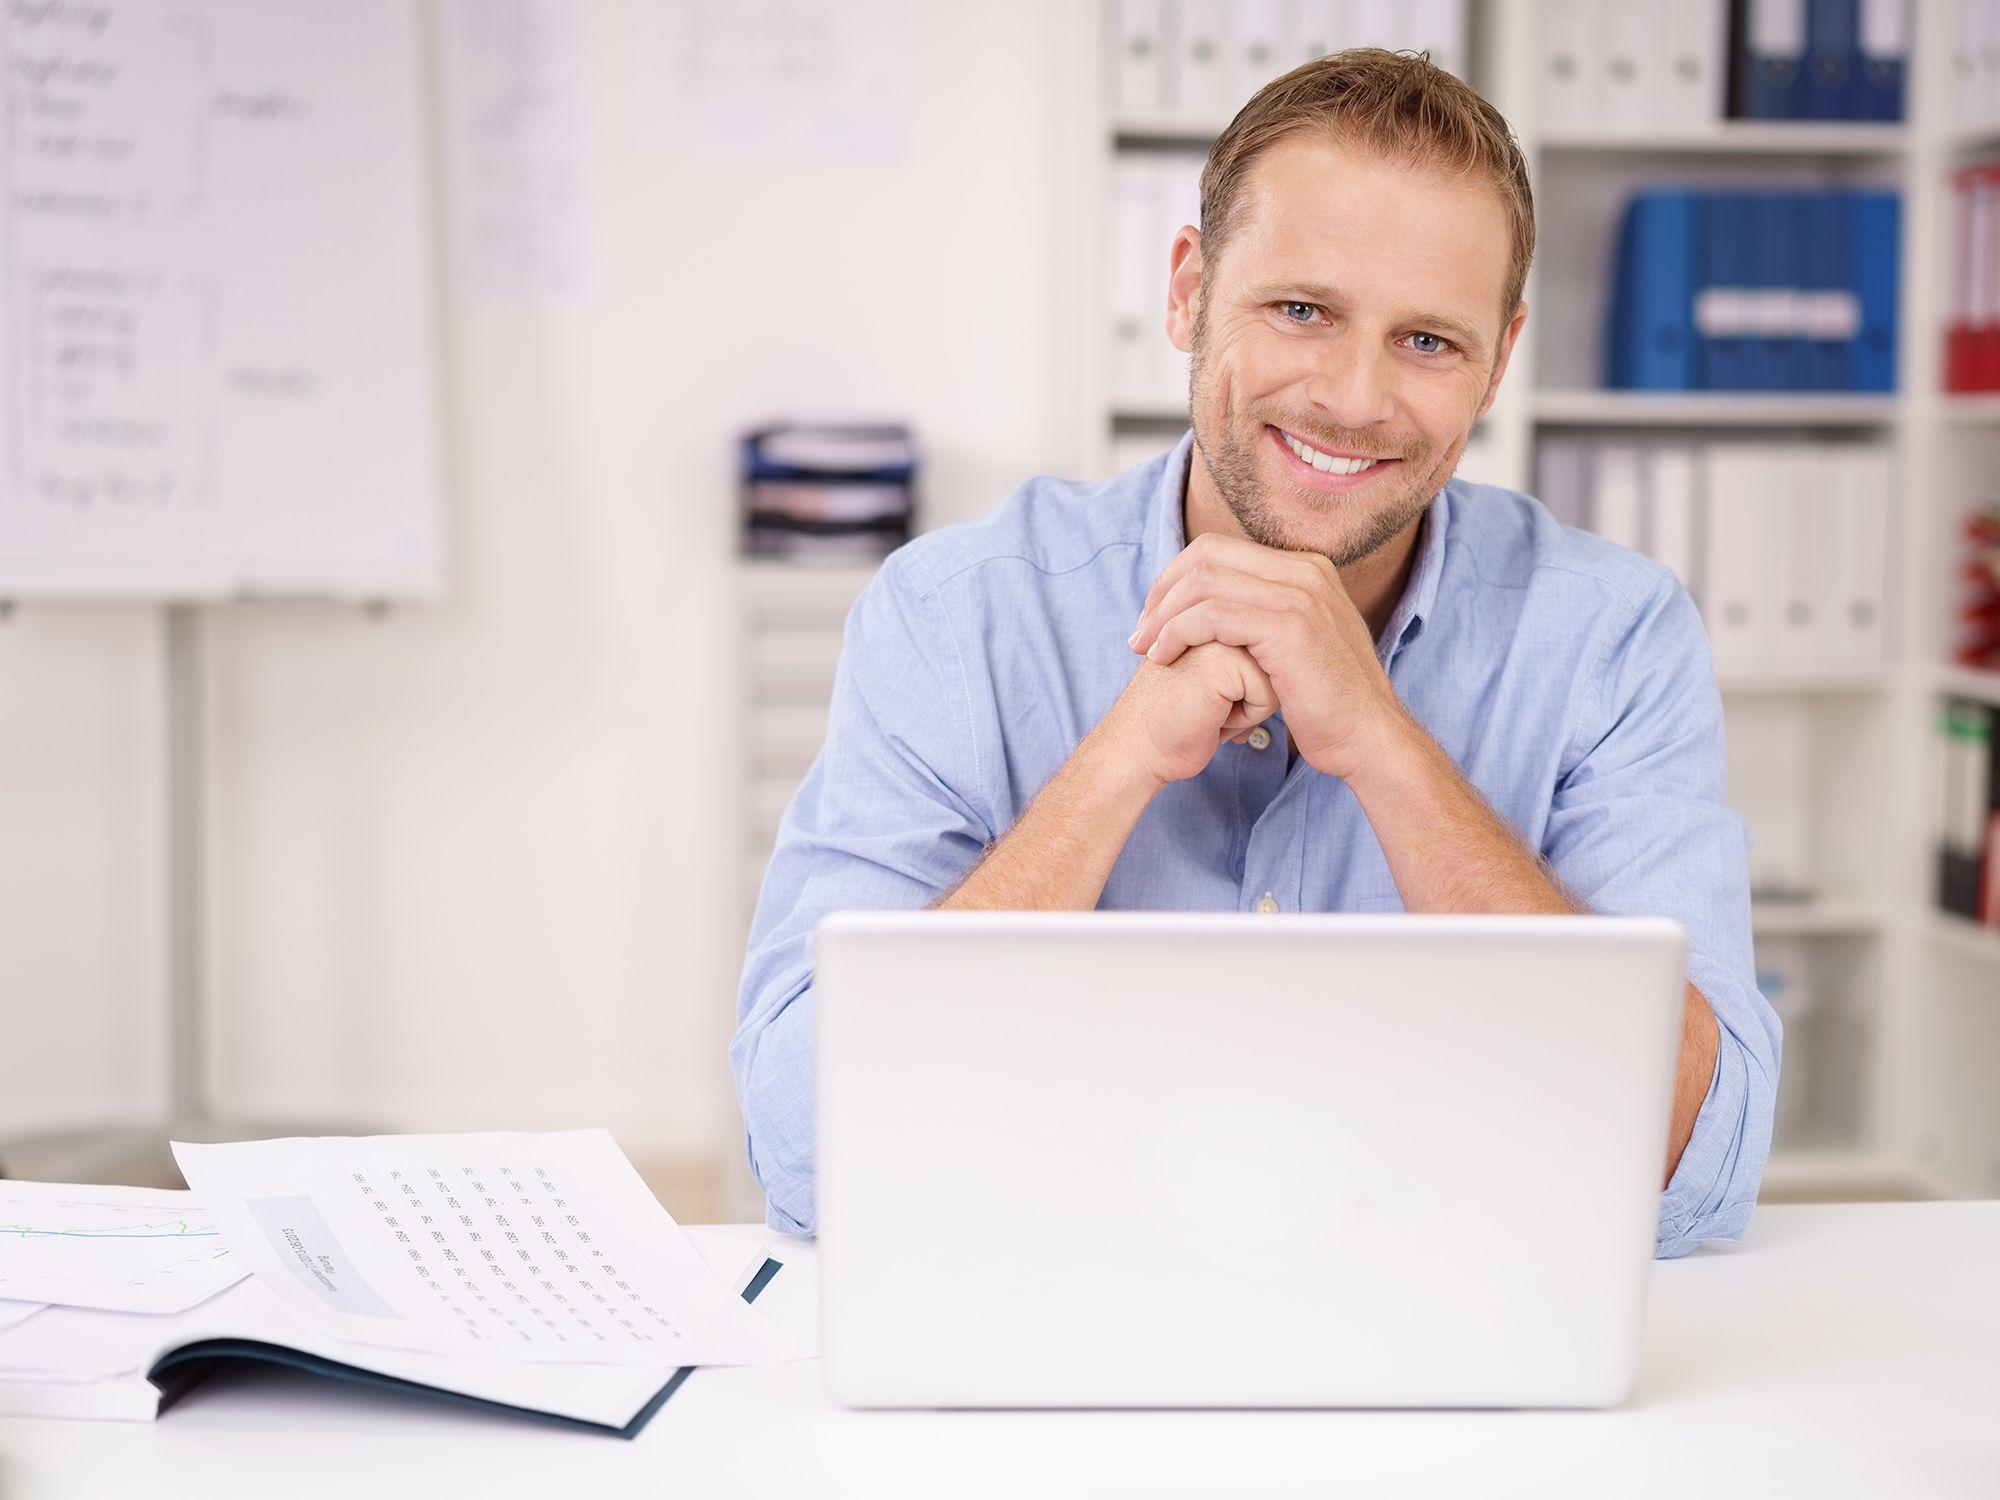 Level 6 - Sachbearbeiter, Bürosachbearbeiter, Personalsachbearbeiter, Verkaufssachbearbeiter, Sachbearbeiterin (Auftragsabwicklung), Sachbearbeiterin im Sekretariat, Sachbearbeiterin (Auftragsbearbeitung), Clerk, Bürohilfskraft, Bürofachkraft, Bürokraft, Leiharbeiter, Zeitarbeiter, Leiharbeitnehmer, Leihkraft, Temporärarbeiter für Büros, Büroarbeit, Büroaufgaben, Bürotätigkeiten, Büroorganisation, Urlaubsvertretung und Rekrutierung bei uns als Personalagentur, Zeitarbeitsfirma, Zeitarbeitsunternehmen, Personal-Service-Agentur, Personaldienstleistungsagentur und Leiharbeitsfirma per Arbeitnehmer-Leasing, Arbeitnehmerüberlassung, Arbeitskräfte-Leasing, Arbeitskräfteüberlassung, Arbeitskraftüberlassung, Leiharbeit, Mitarbeiter-Leasing, Mitarbeiterleasing, Mitarbeiterüberlassung, Personaldienstleistung, Personalleasing, Personalüberlassung, Temporärarbeit, Zeitarbeit buchen, mieten, leihen oder langfristig neue Mitarbeiter für Jobs wie Schülerjobs, Ferienjobs, Aushilfsjobs, Studentenjobs, Werkstudentenjobs, Saisonjobs, Vollzeit Jobs, Teilzeit Jobs, Nebenjobs, Temporär Jobs, Gelegenheitsjobs per Personalvermittlung suchen, finden und vermittelt bekommen.